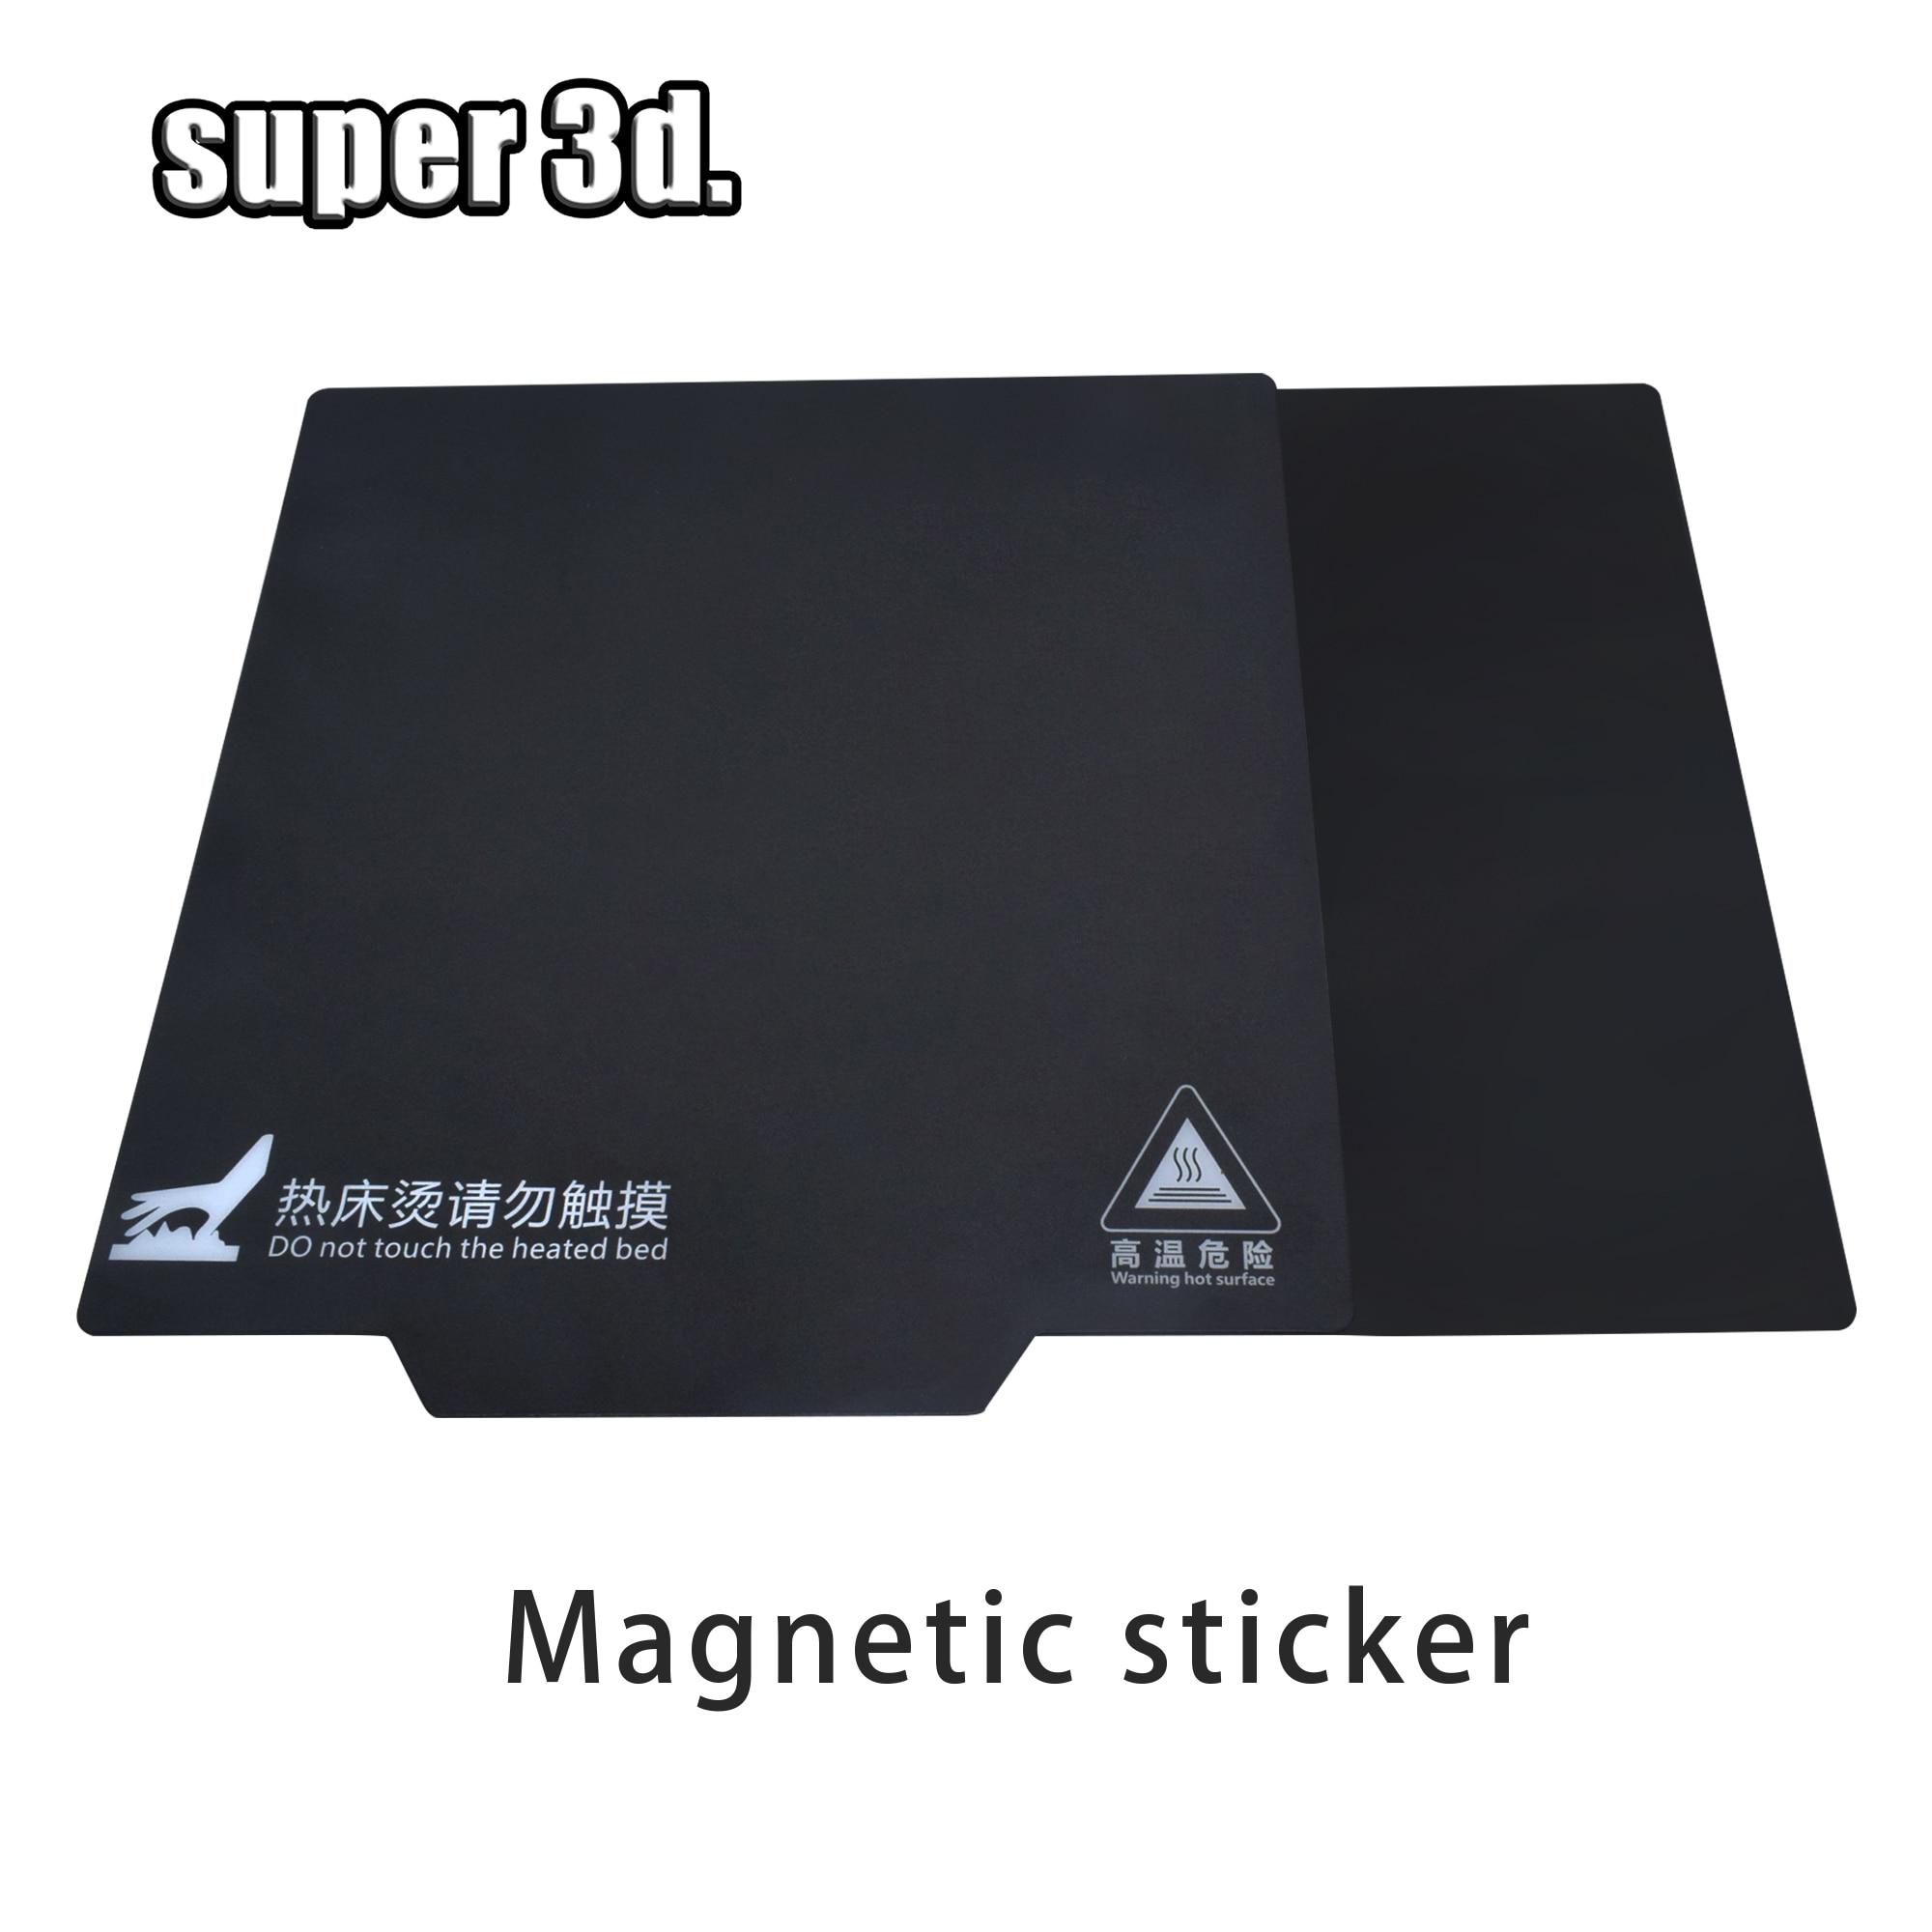 Piezas de impresora 3D, cinta de cama de impresión de base magnética 200/214/235/310mm, pegatina de cama térmica cuadrada, placa de construcción de cama caliente, placa flexible de superficie